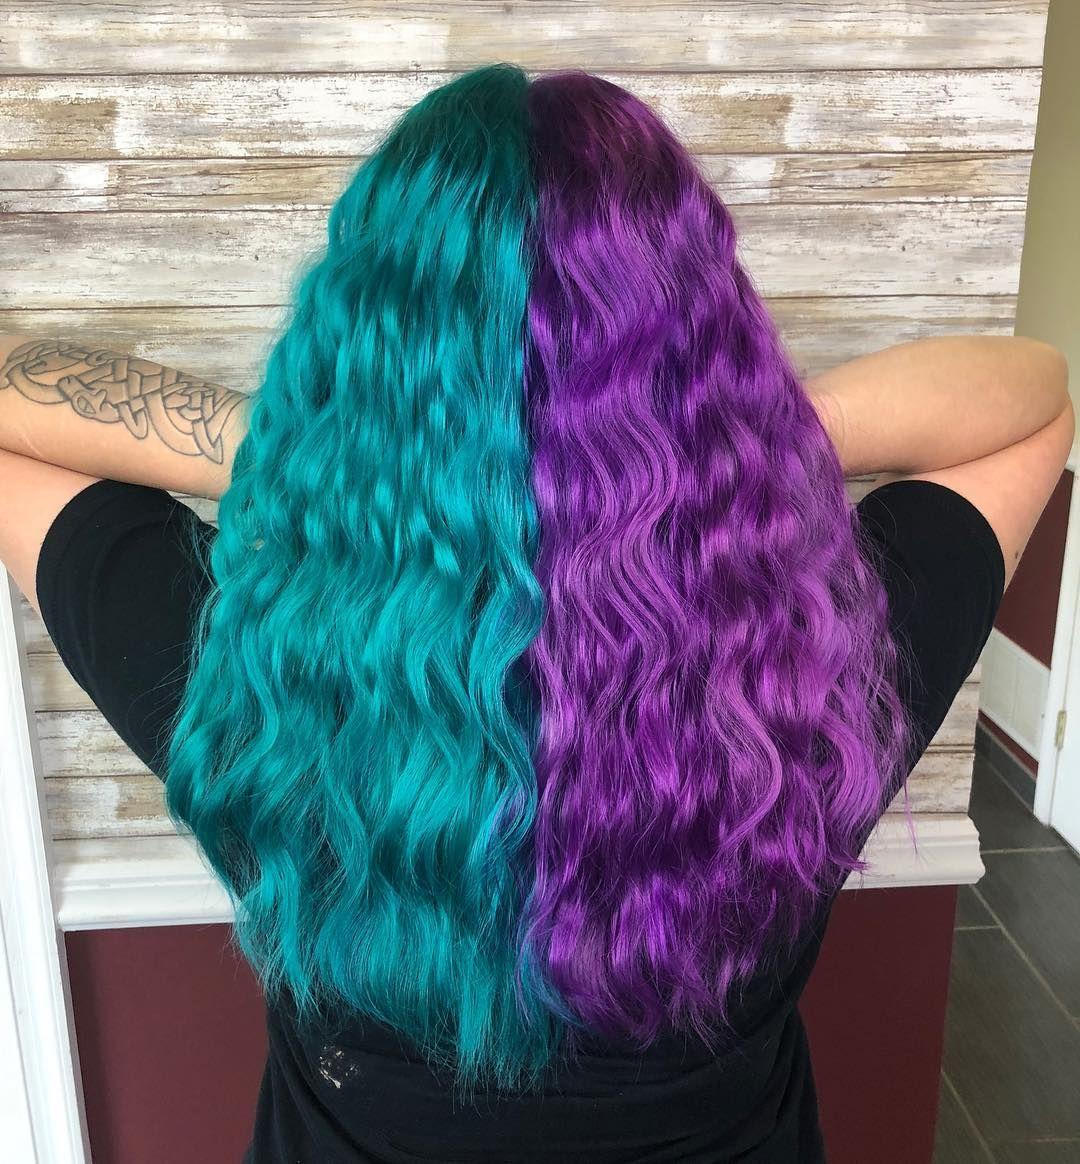 Half Half Colored Hair Blue Hair Purple Hair Half Colored Hair Two Color Hair Split Dyed Hair